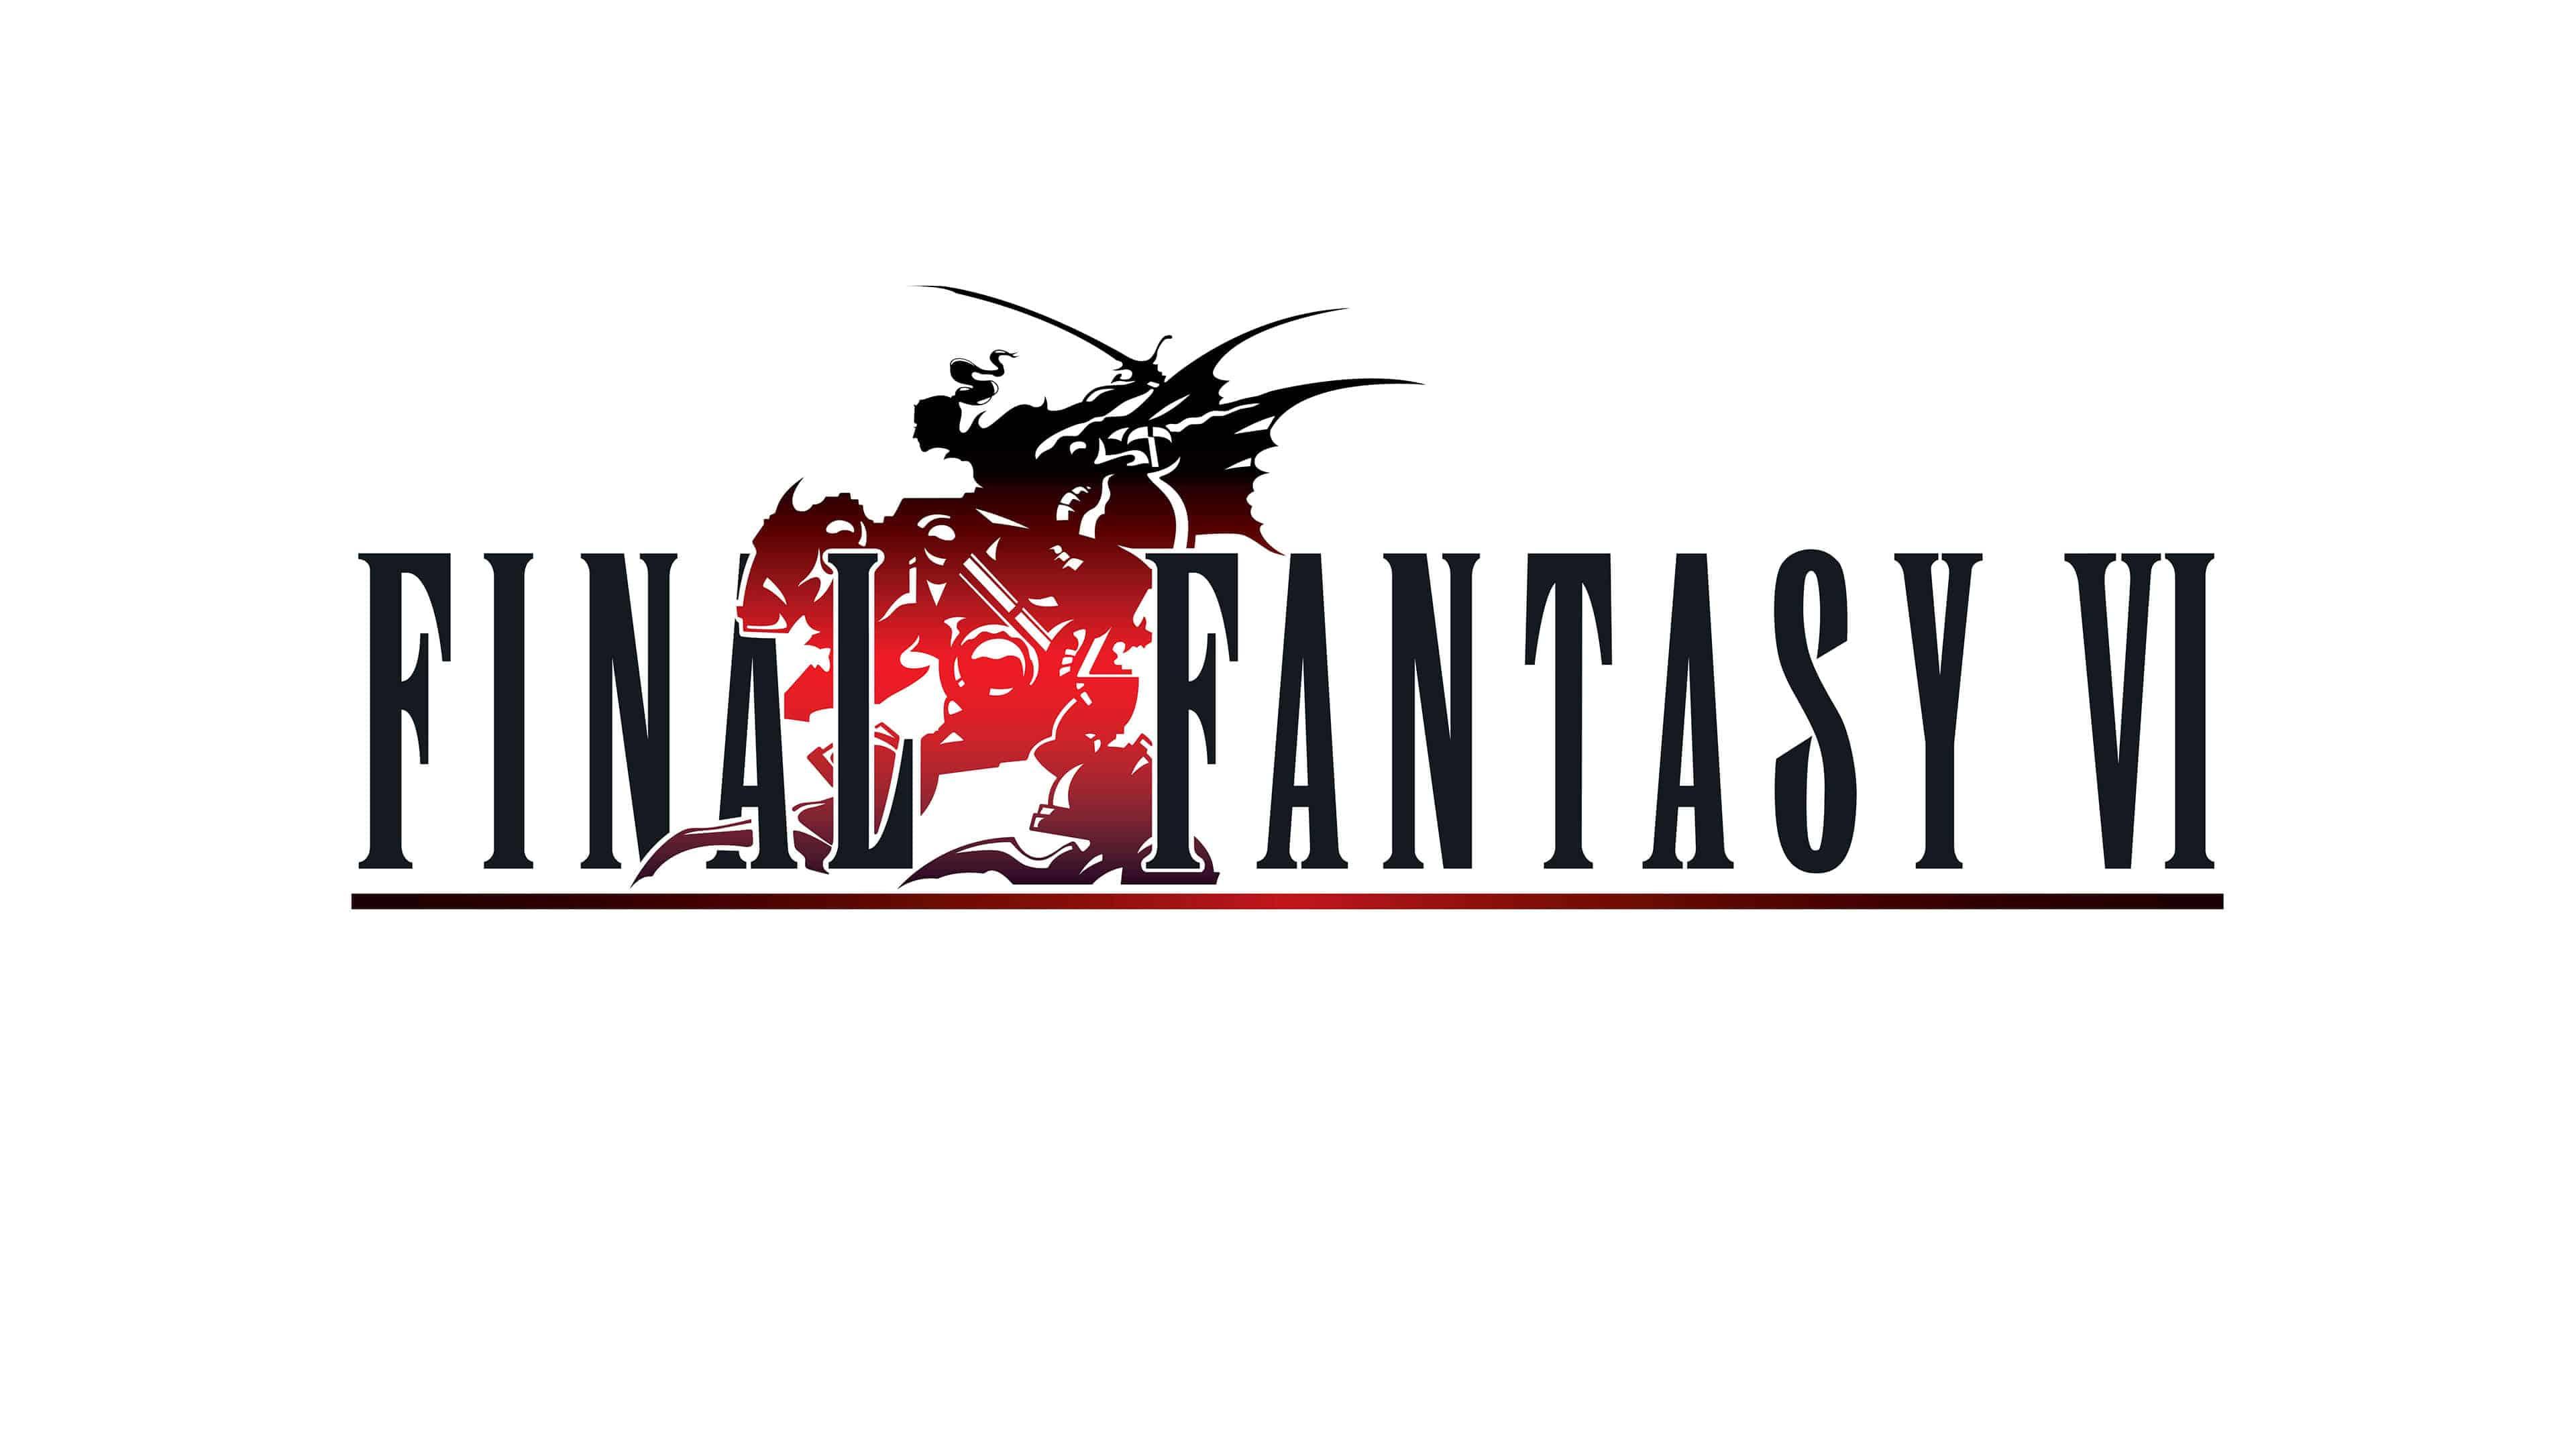 Final Fantasy Xv Logo Uhd 4k Wallpaper: Final Fantasy 6 Logo UHD 4K Wallpaper